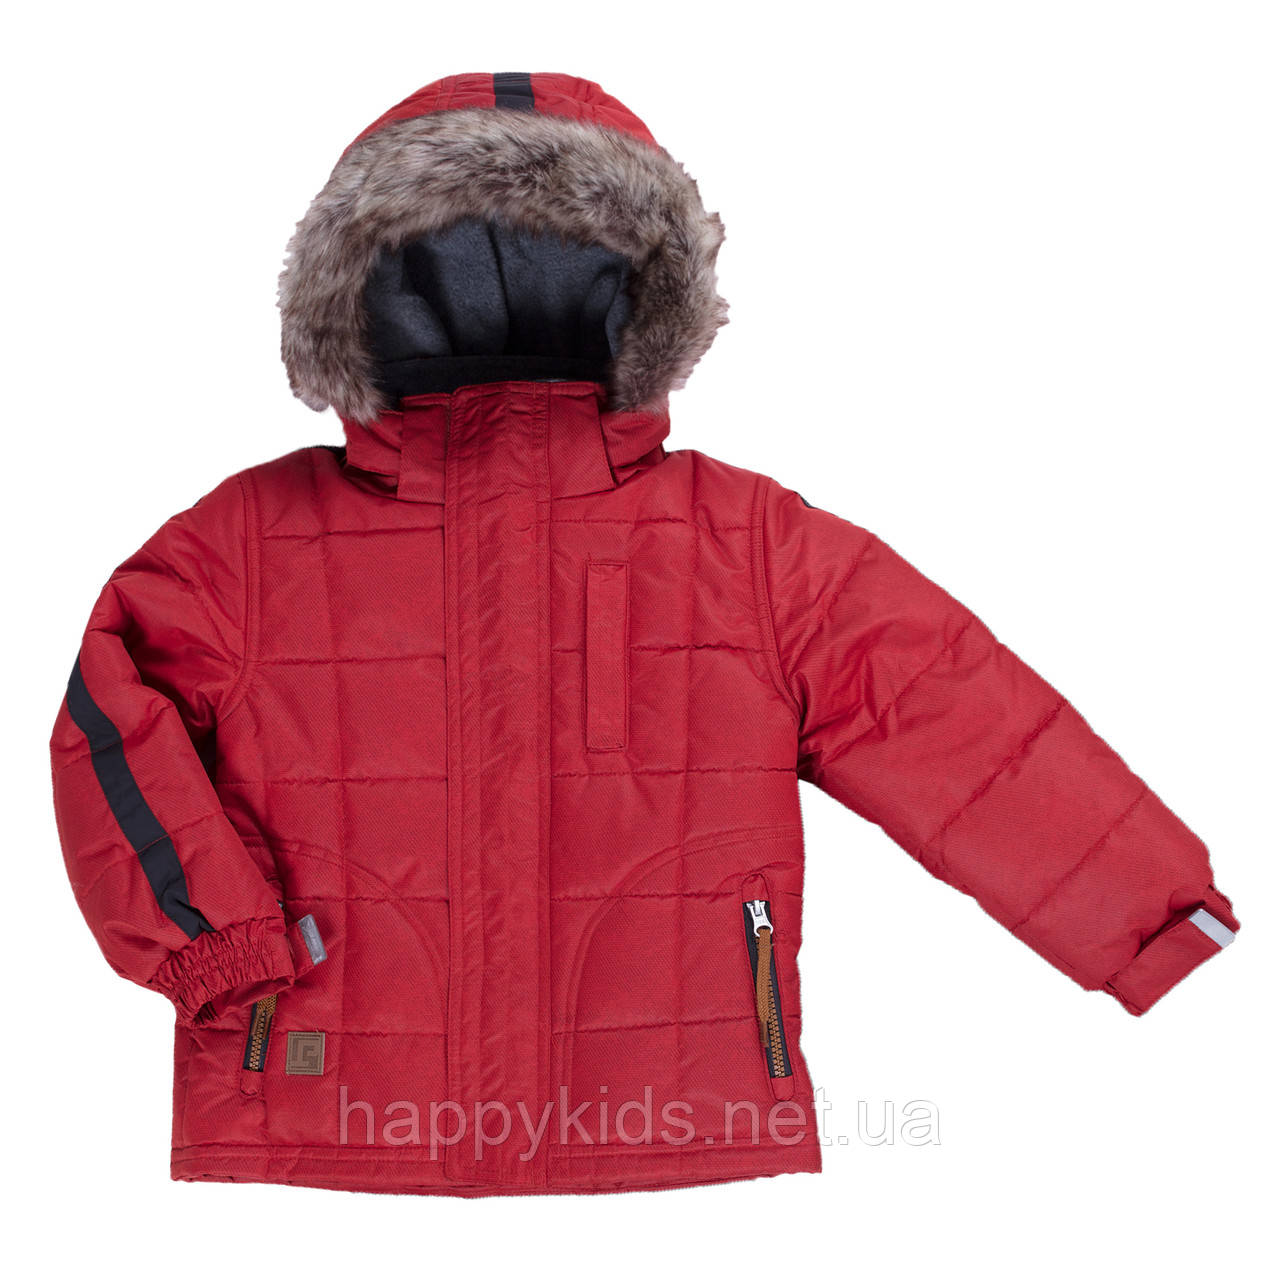 Зимняя куртка для мальчика Peluche&Tartine F19MS55EG OldCarrot. Размеры 3 - 8 лет.